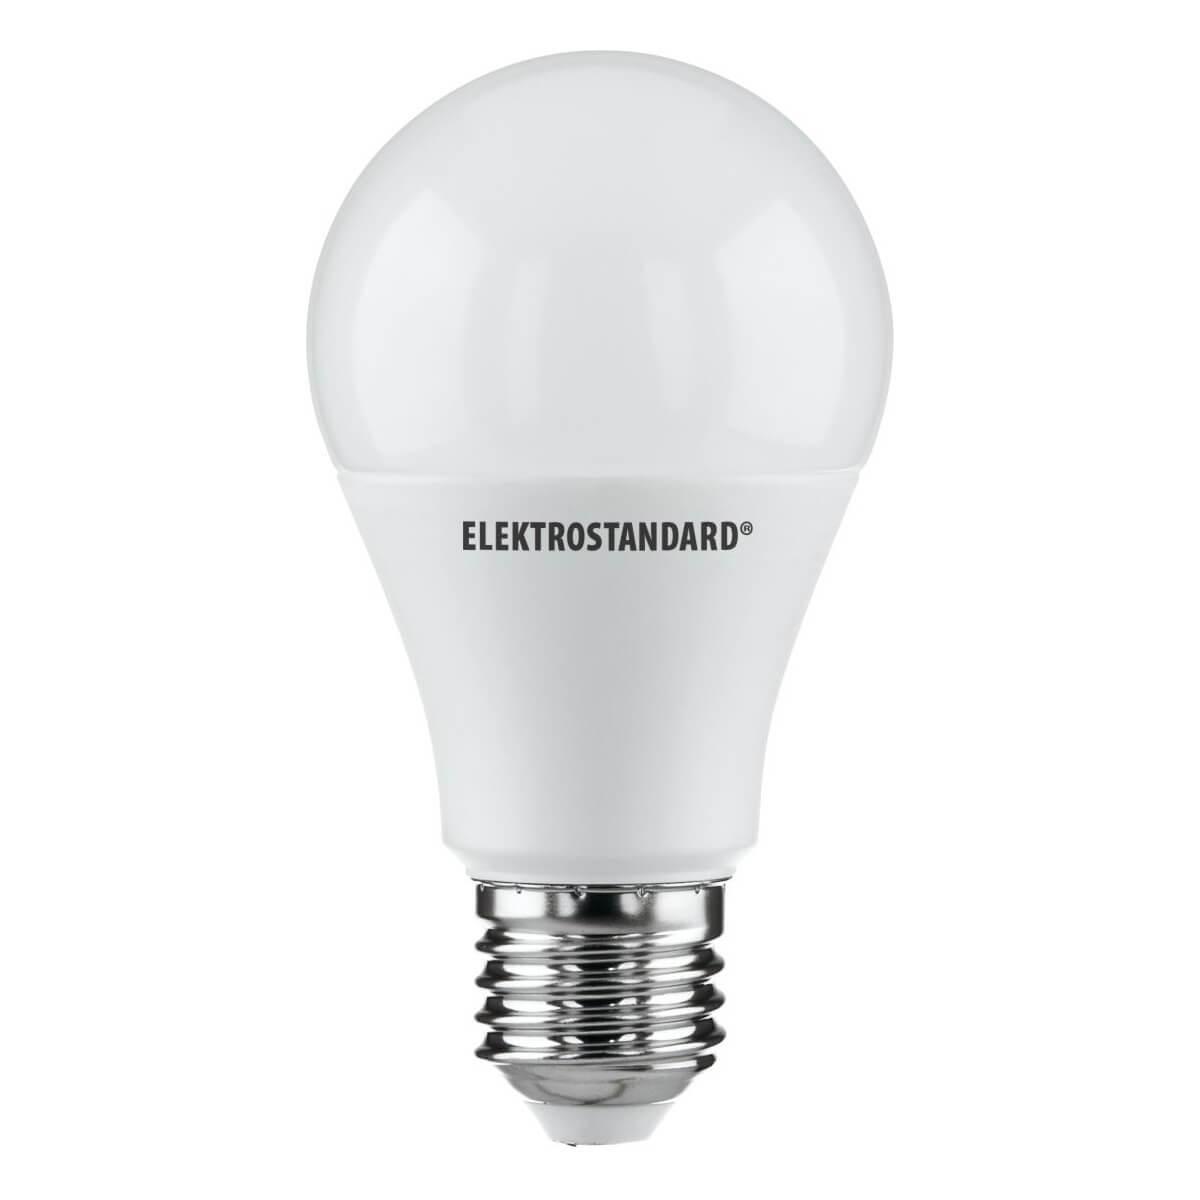 Лампа светодиодная Elektrostandard E27 12W 3300K матовая 4690389085789